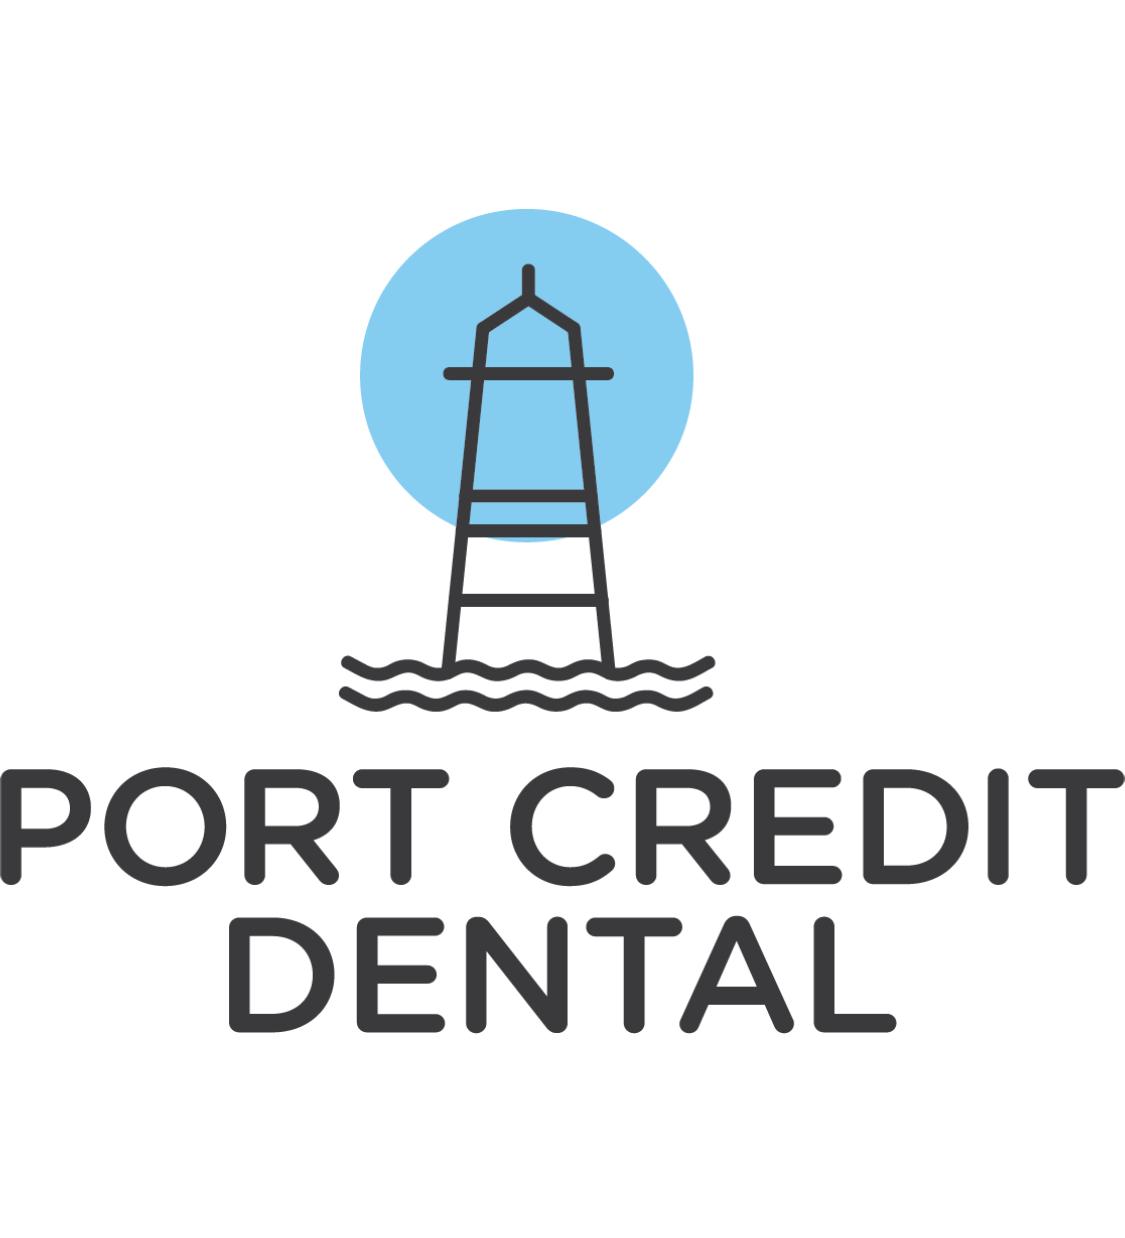 Port Credit Dental